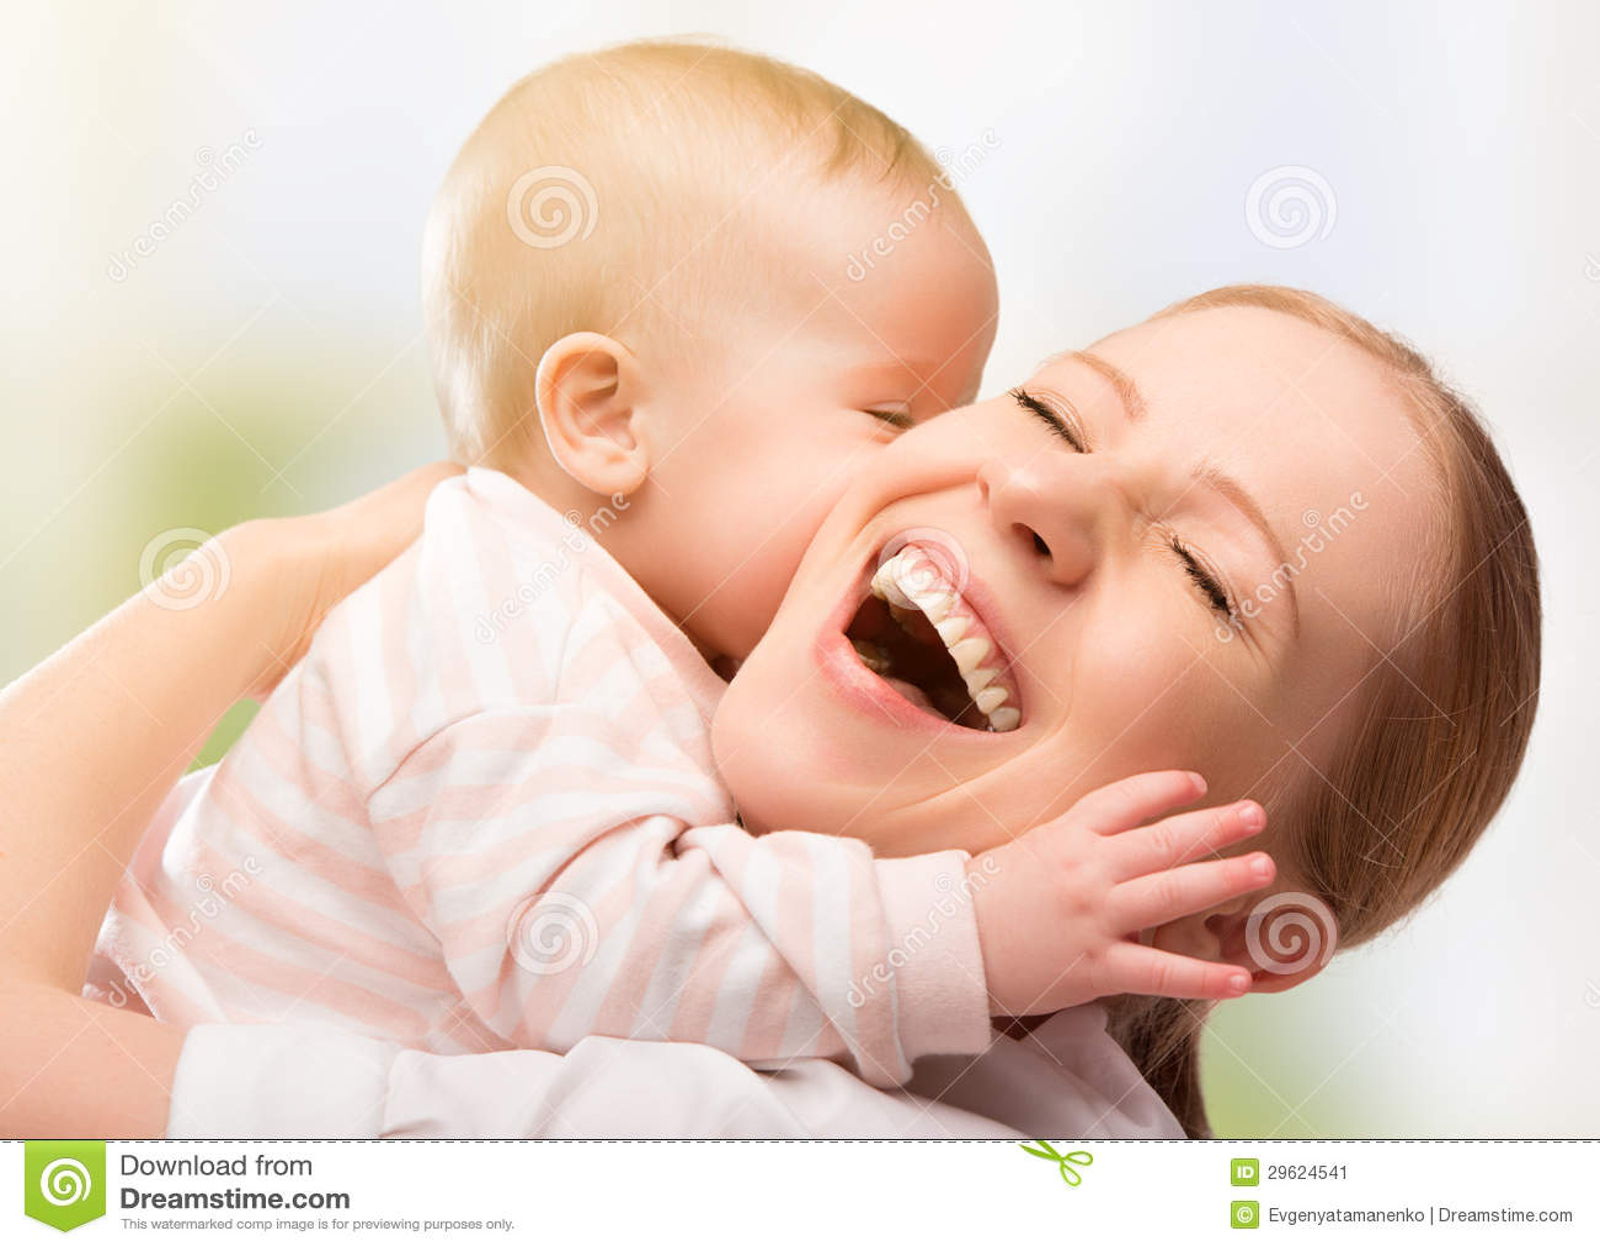 愉快的快乐的系列。 母亲和婴孩亲吻